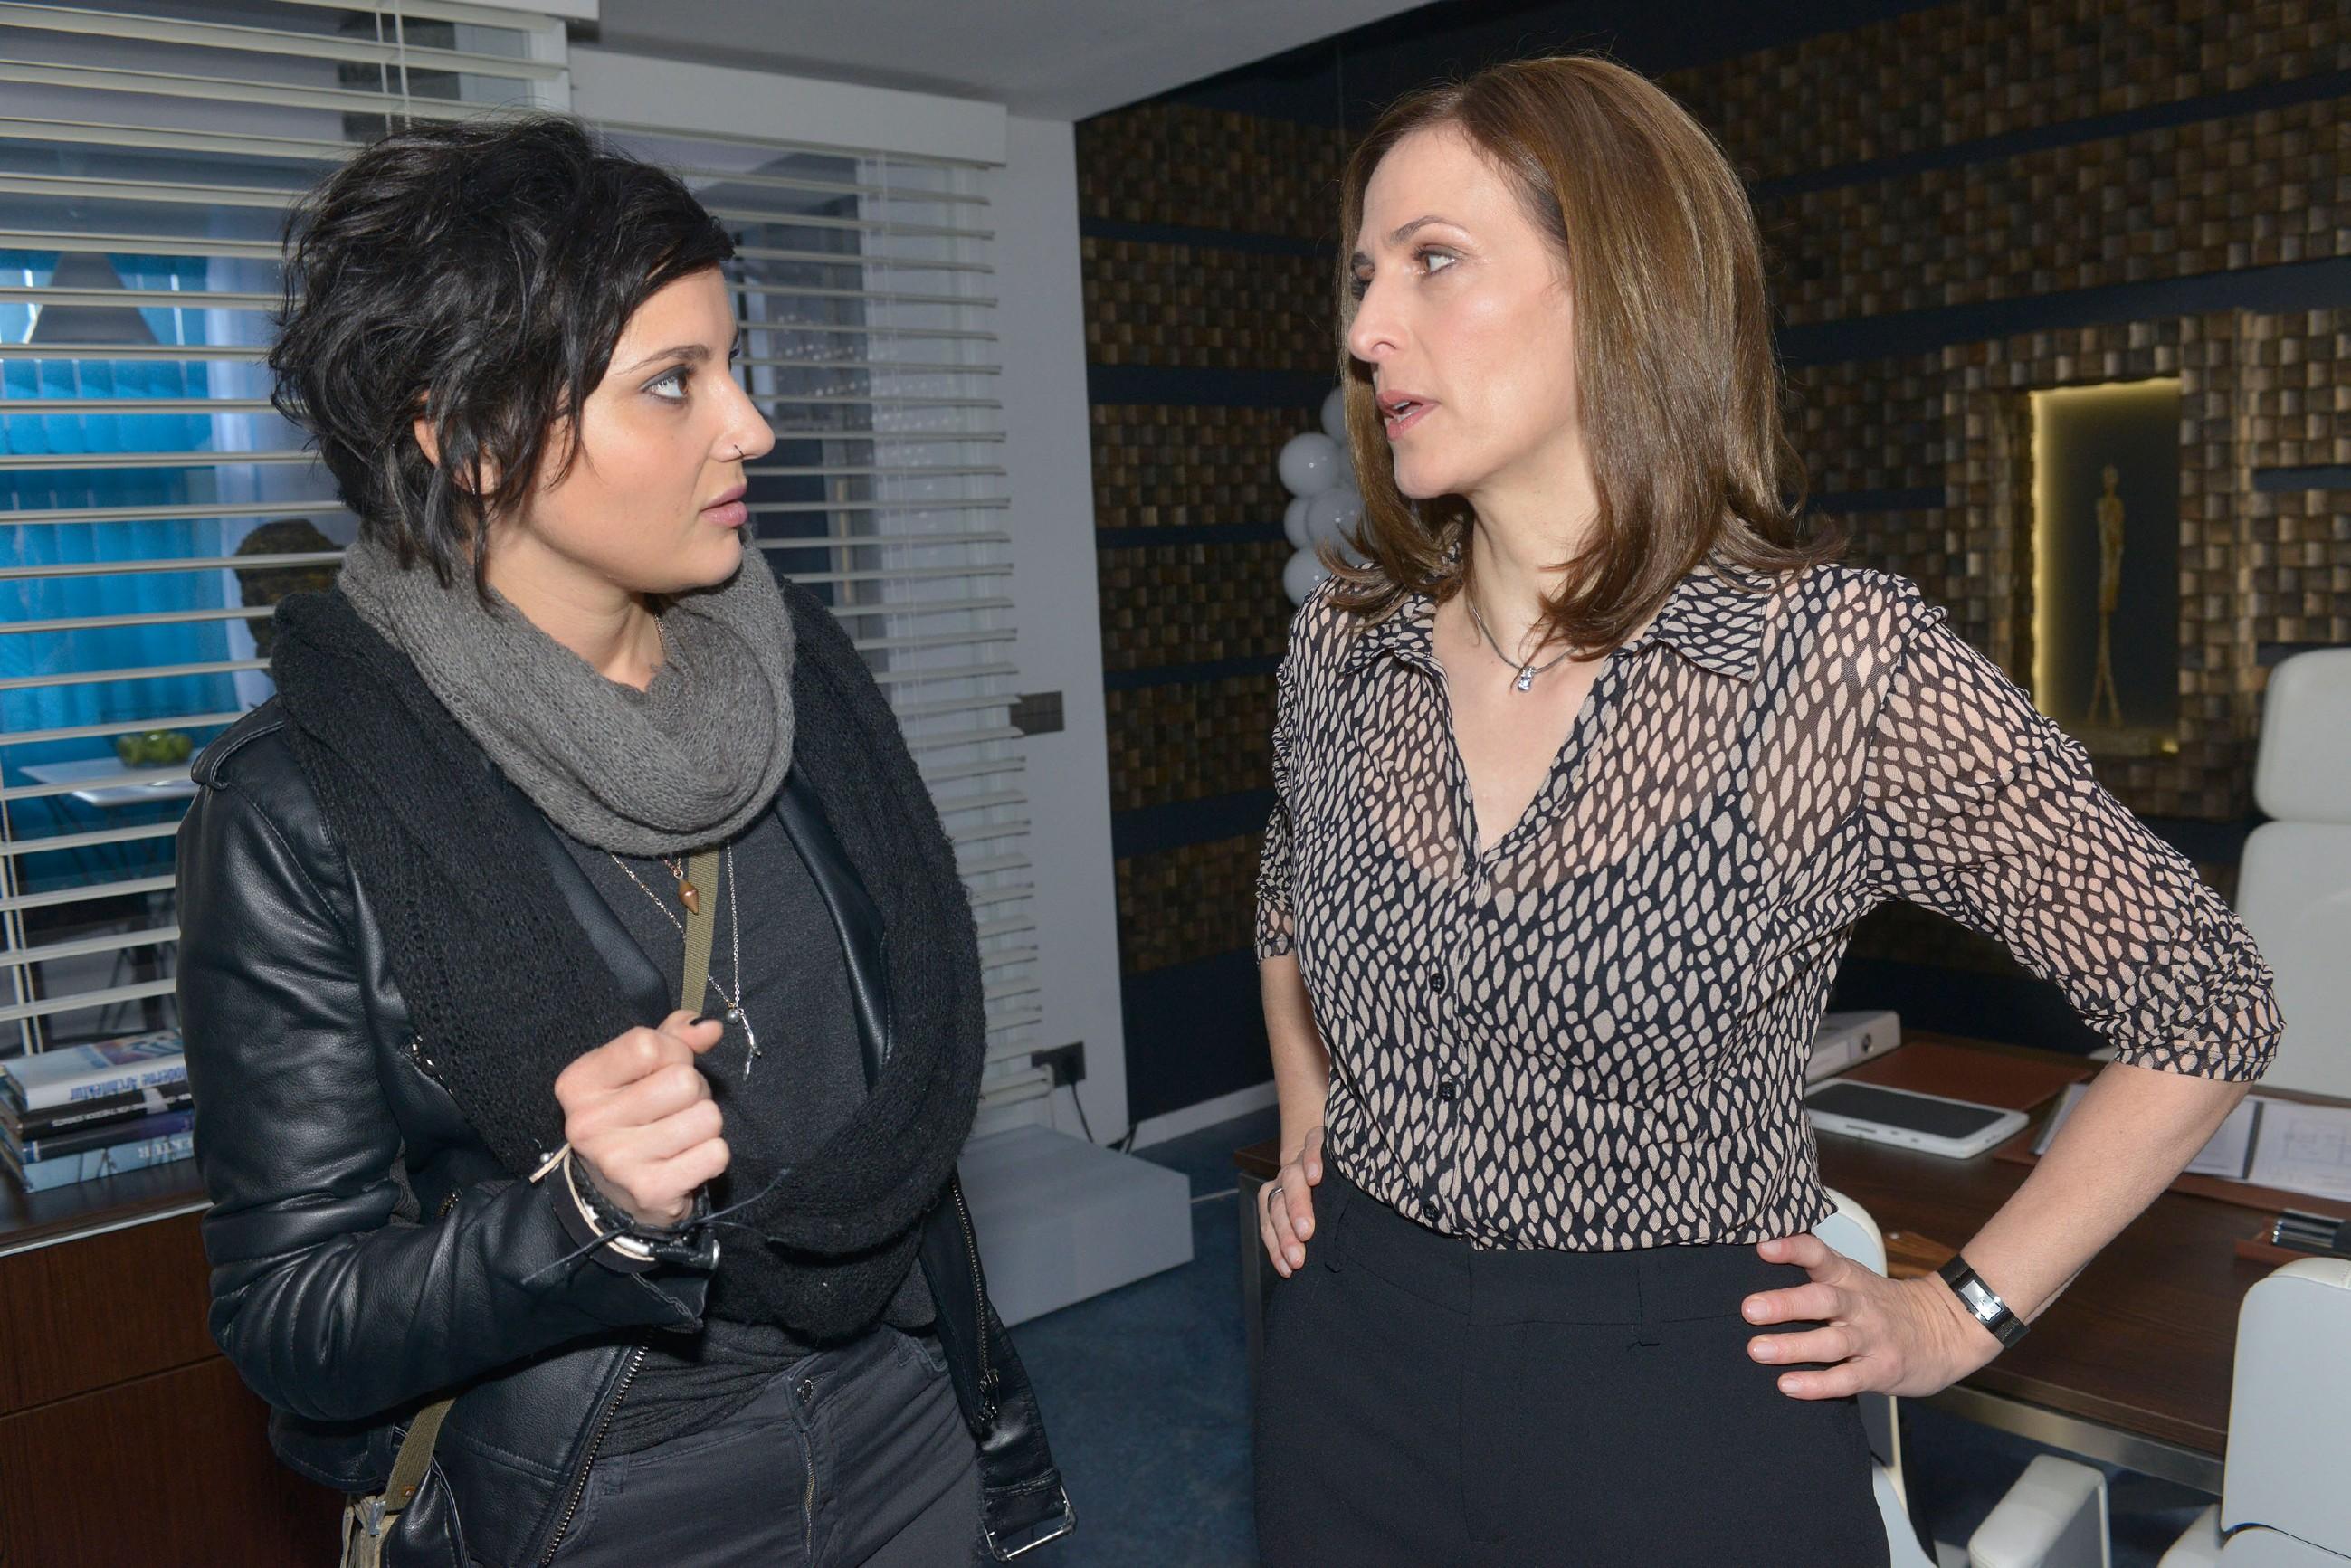 Aus Sorge um Jasmin versuchen Anni (Linda Marlen Runge, l.) und Katrin (Ulrike Frank) ihre Spannungen auszublenden. (RTL / Rolf Baumgartner)